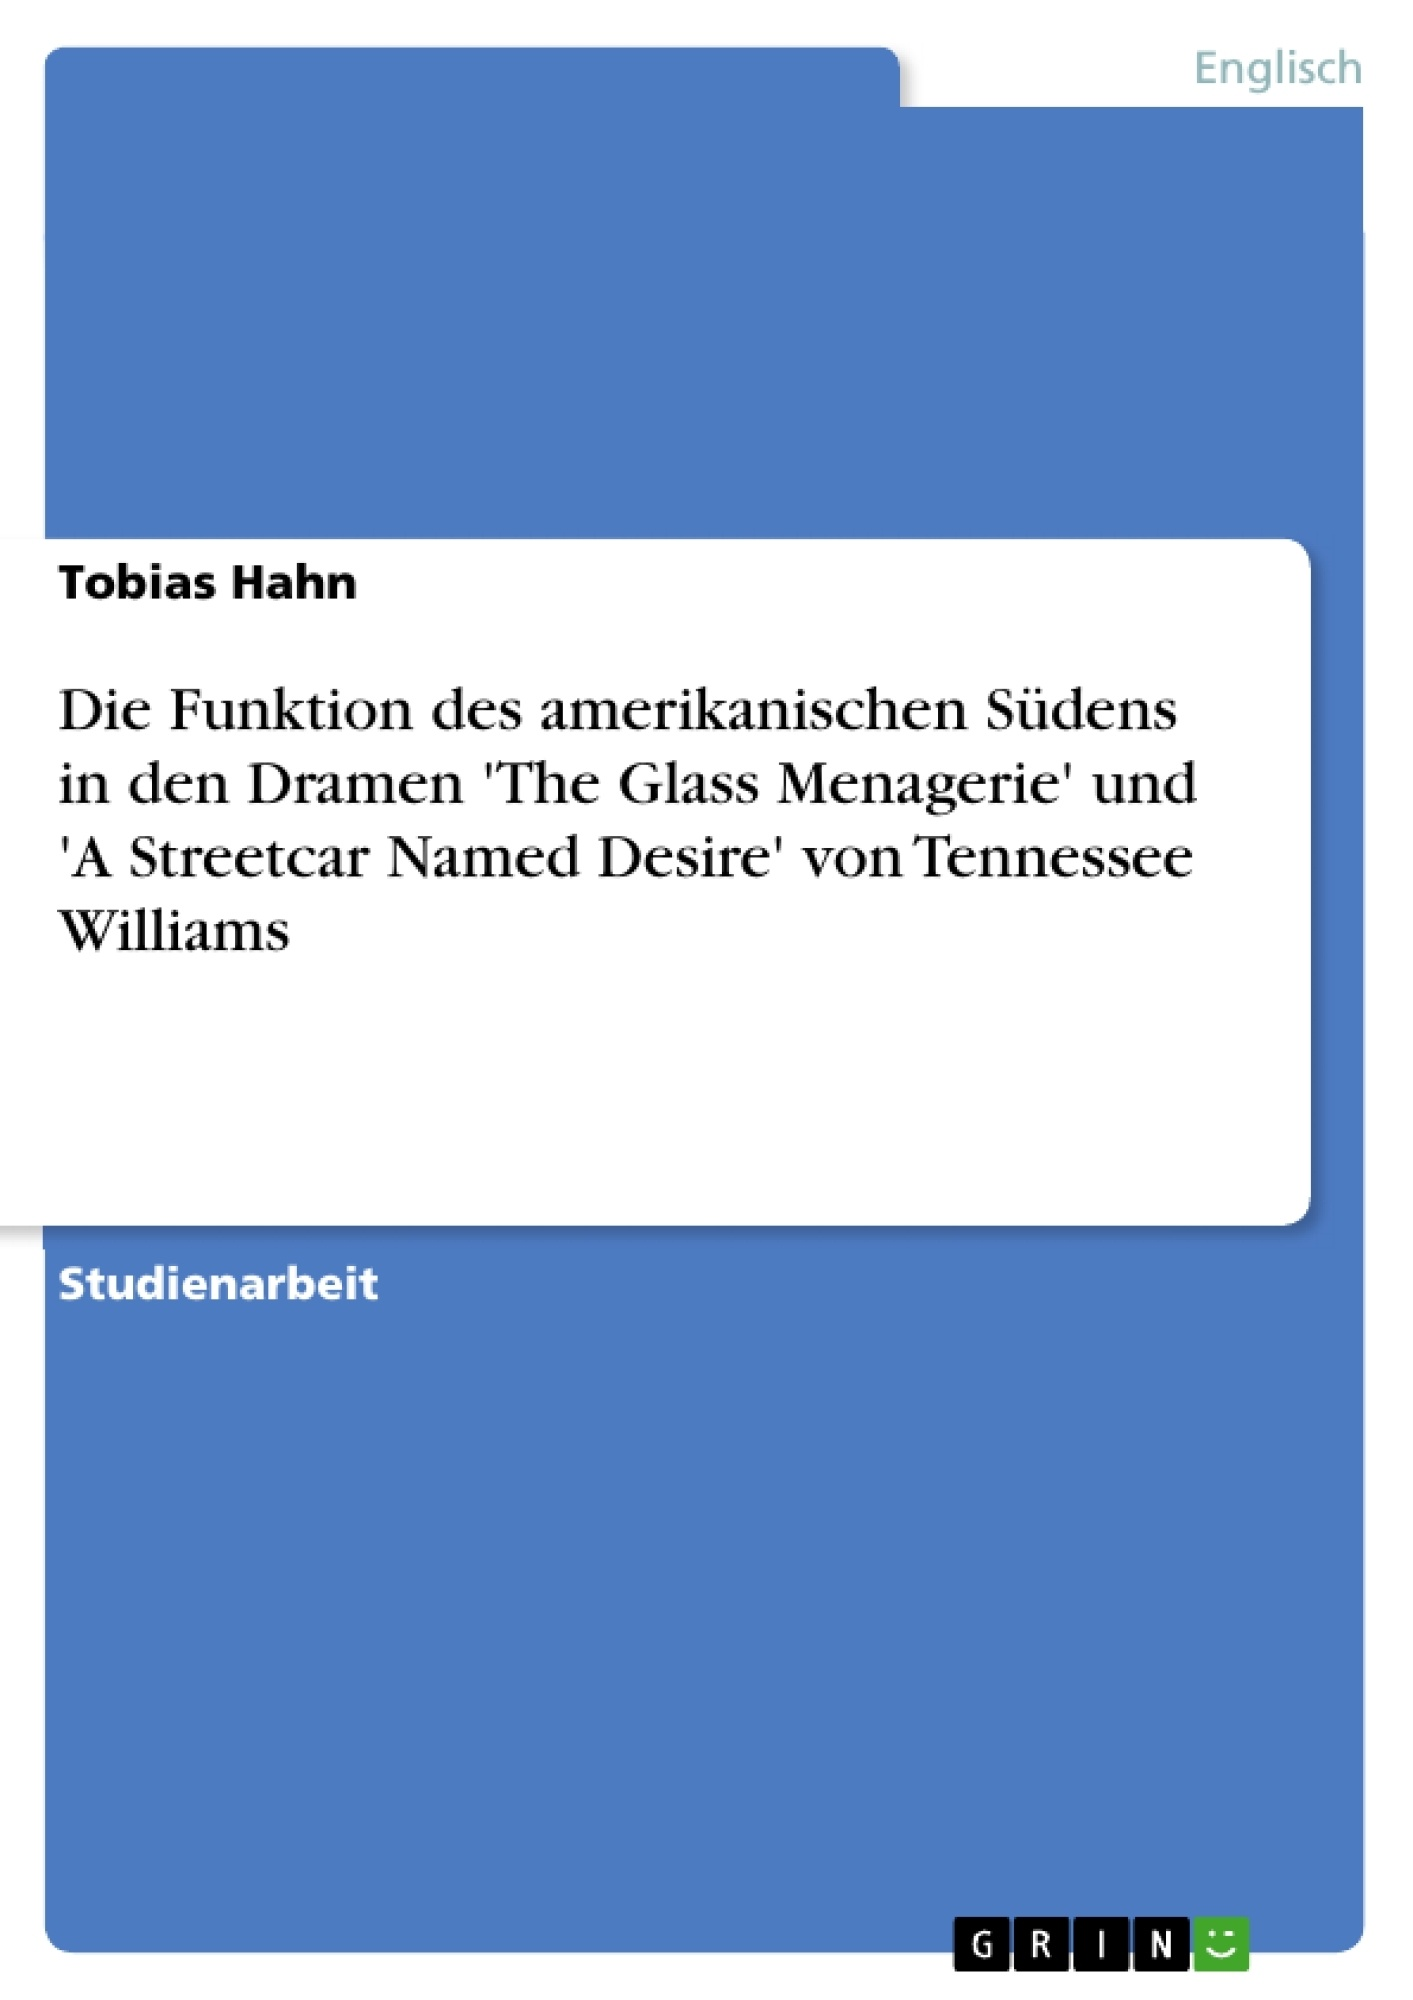 Titel: Die Funktion des amerikanischen Südens in den Dramen 'The Glass Menagerie' und 'A Streetcar Named Desire' von Tennessee Williams